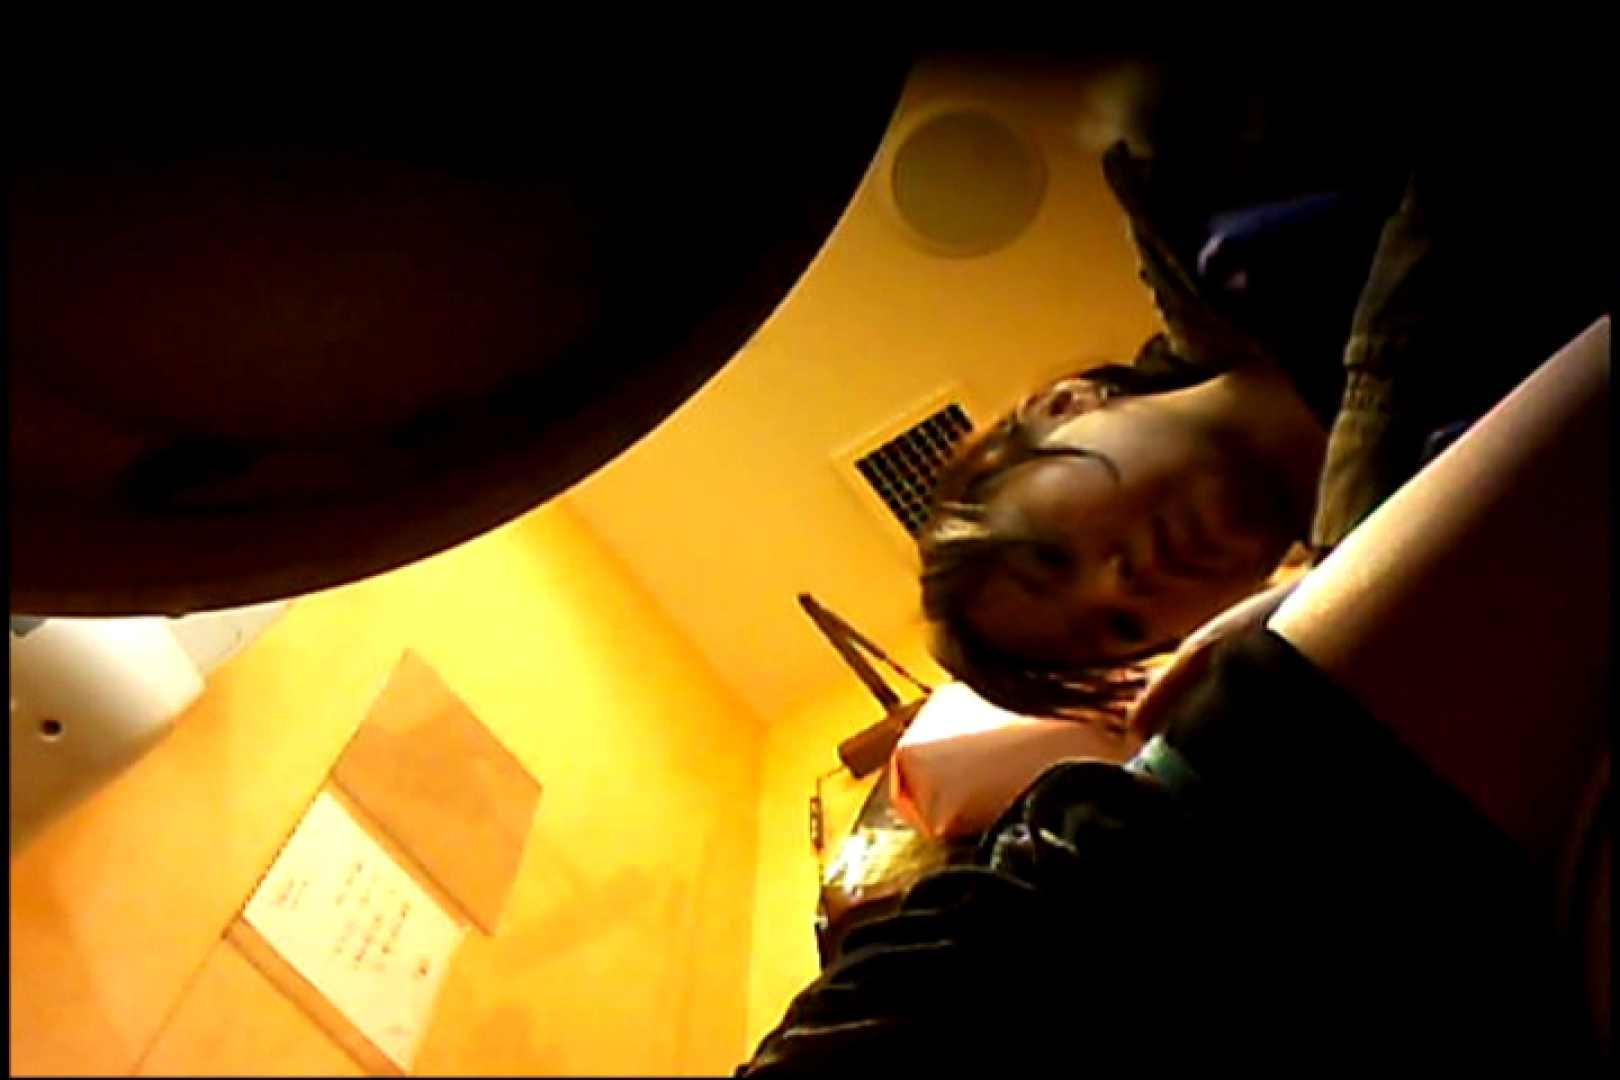 画質向上!新亀さん厠 vol.36 黄金水 オマンコ無修正動画無料 94PIX 39